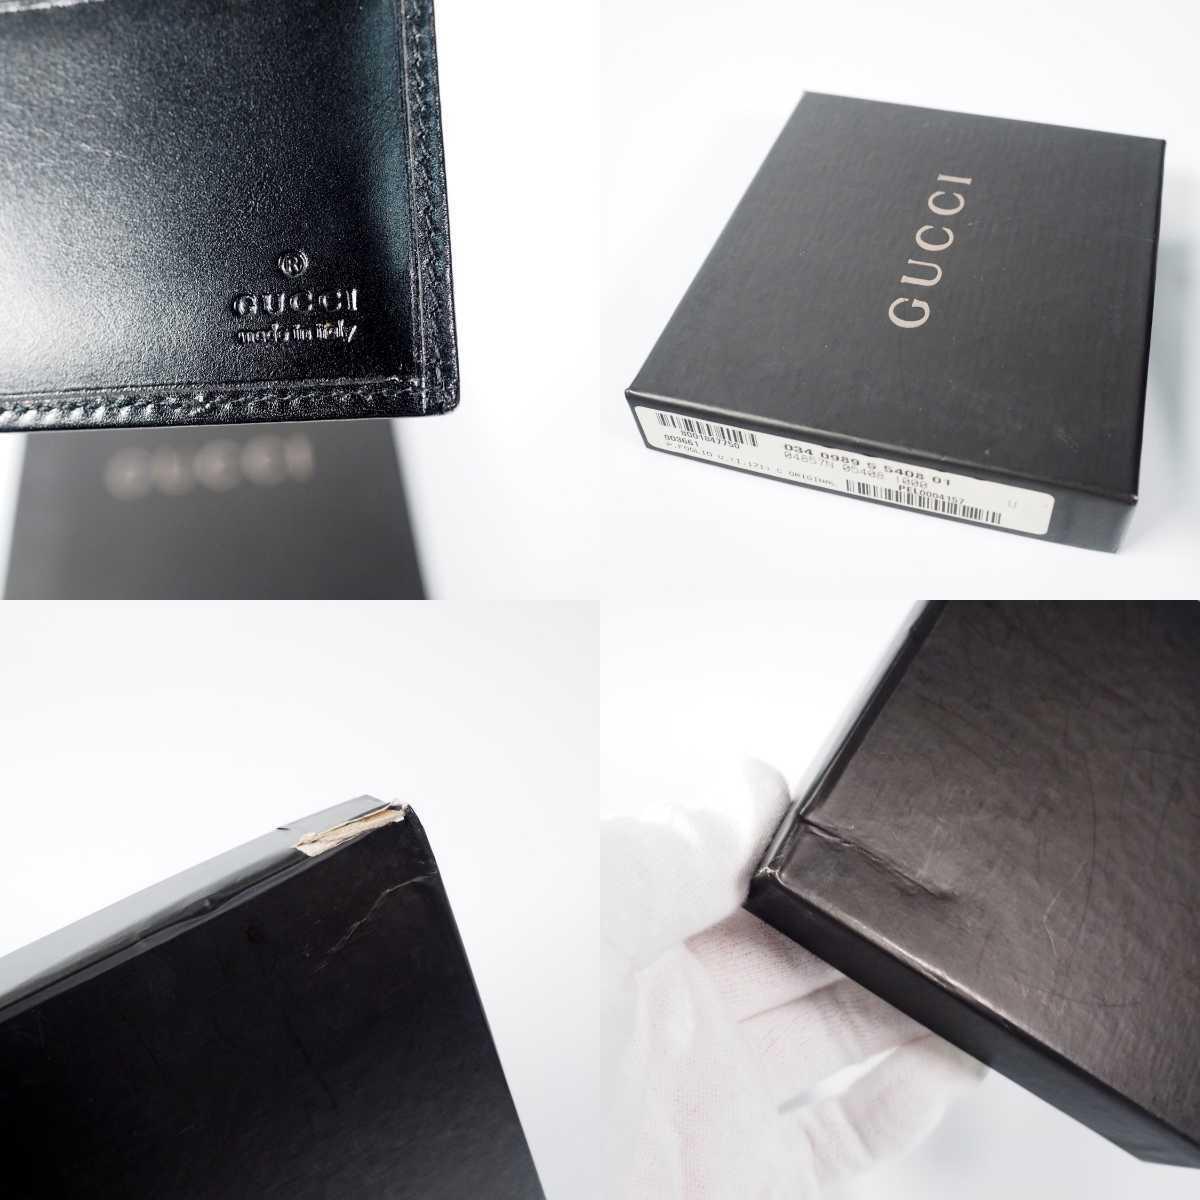 【未使用 送料無料】グッチ GG キャンバス 二つ折り財布 ブラック GUCCI 小銭入れ  財布 526_画像9